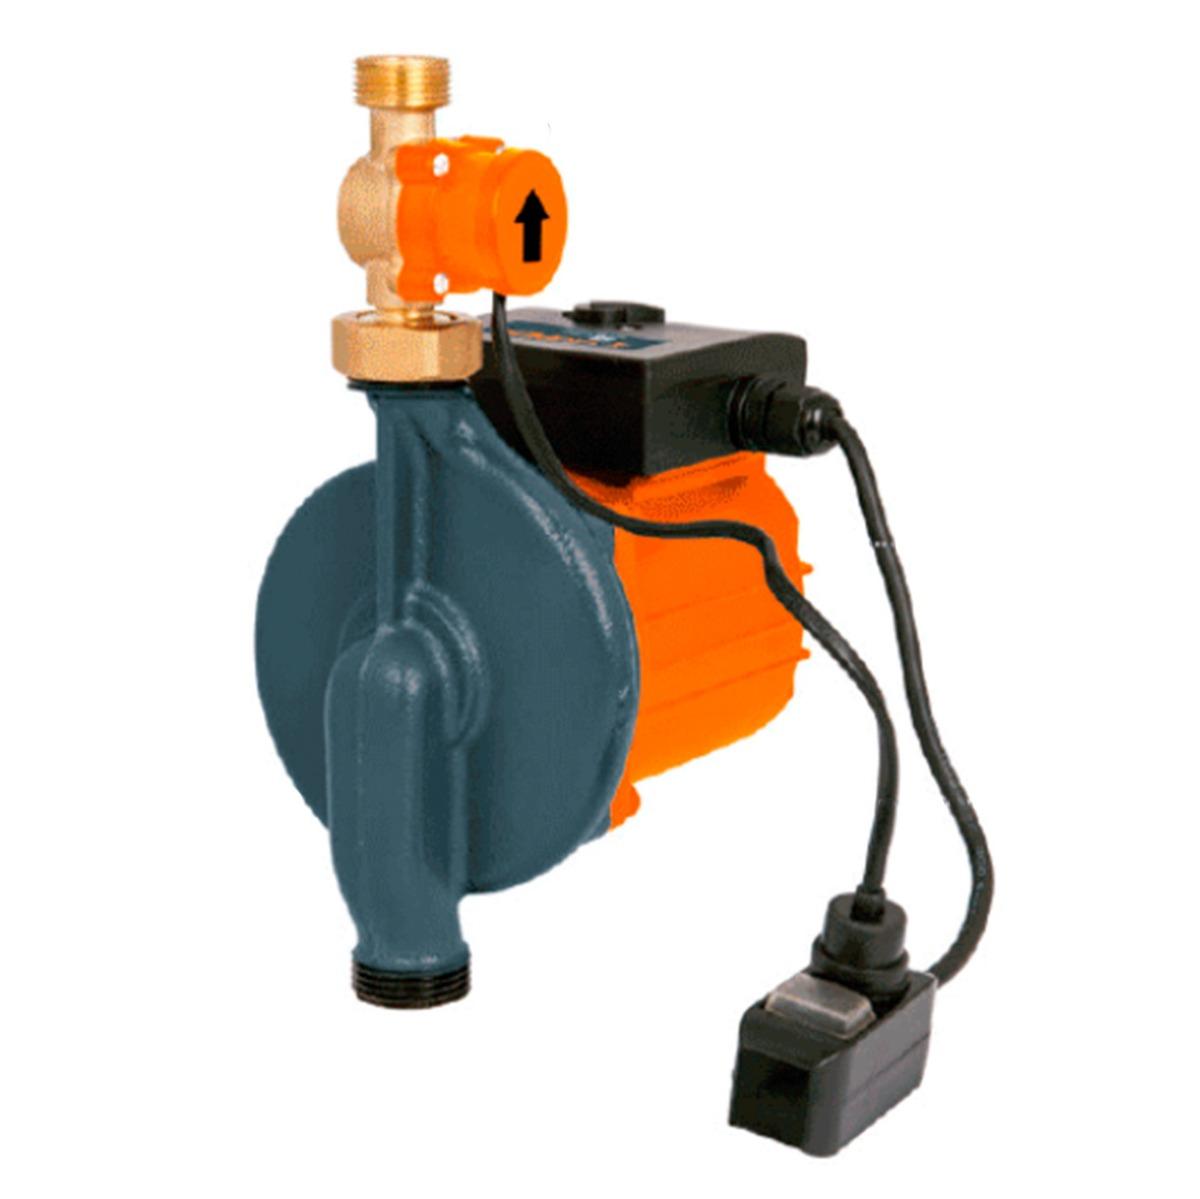 Bomba para agua con presurizador 1 3 hp truper 12253 - Bomba para sacar agua ...